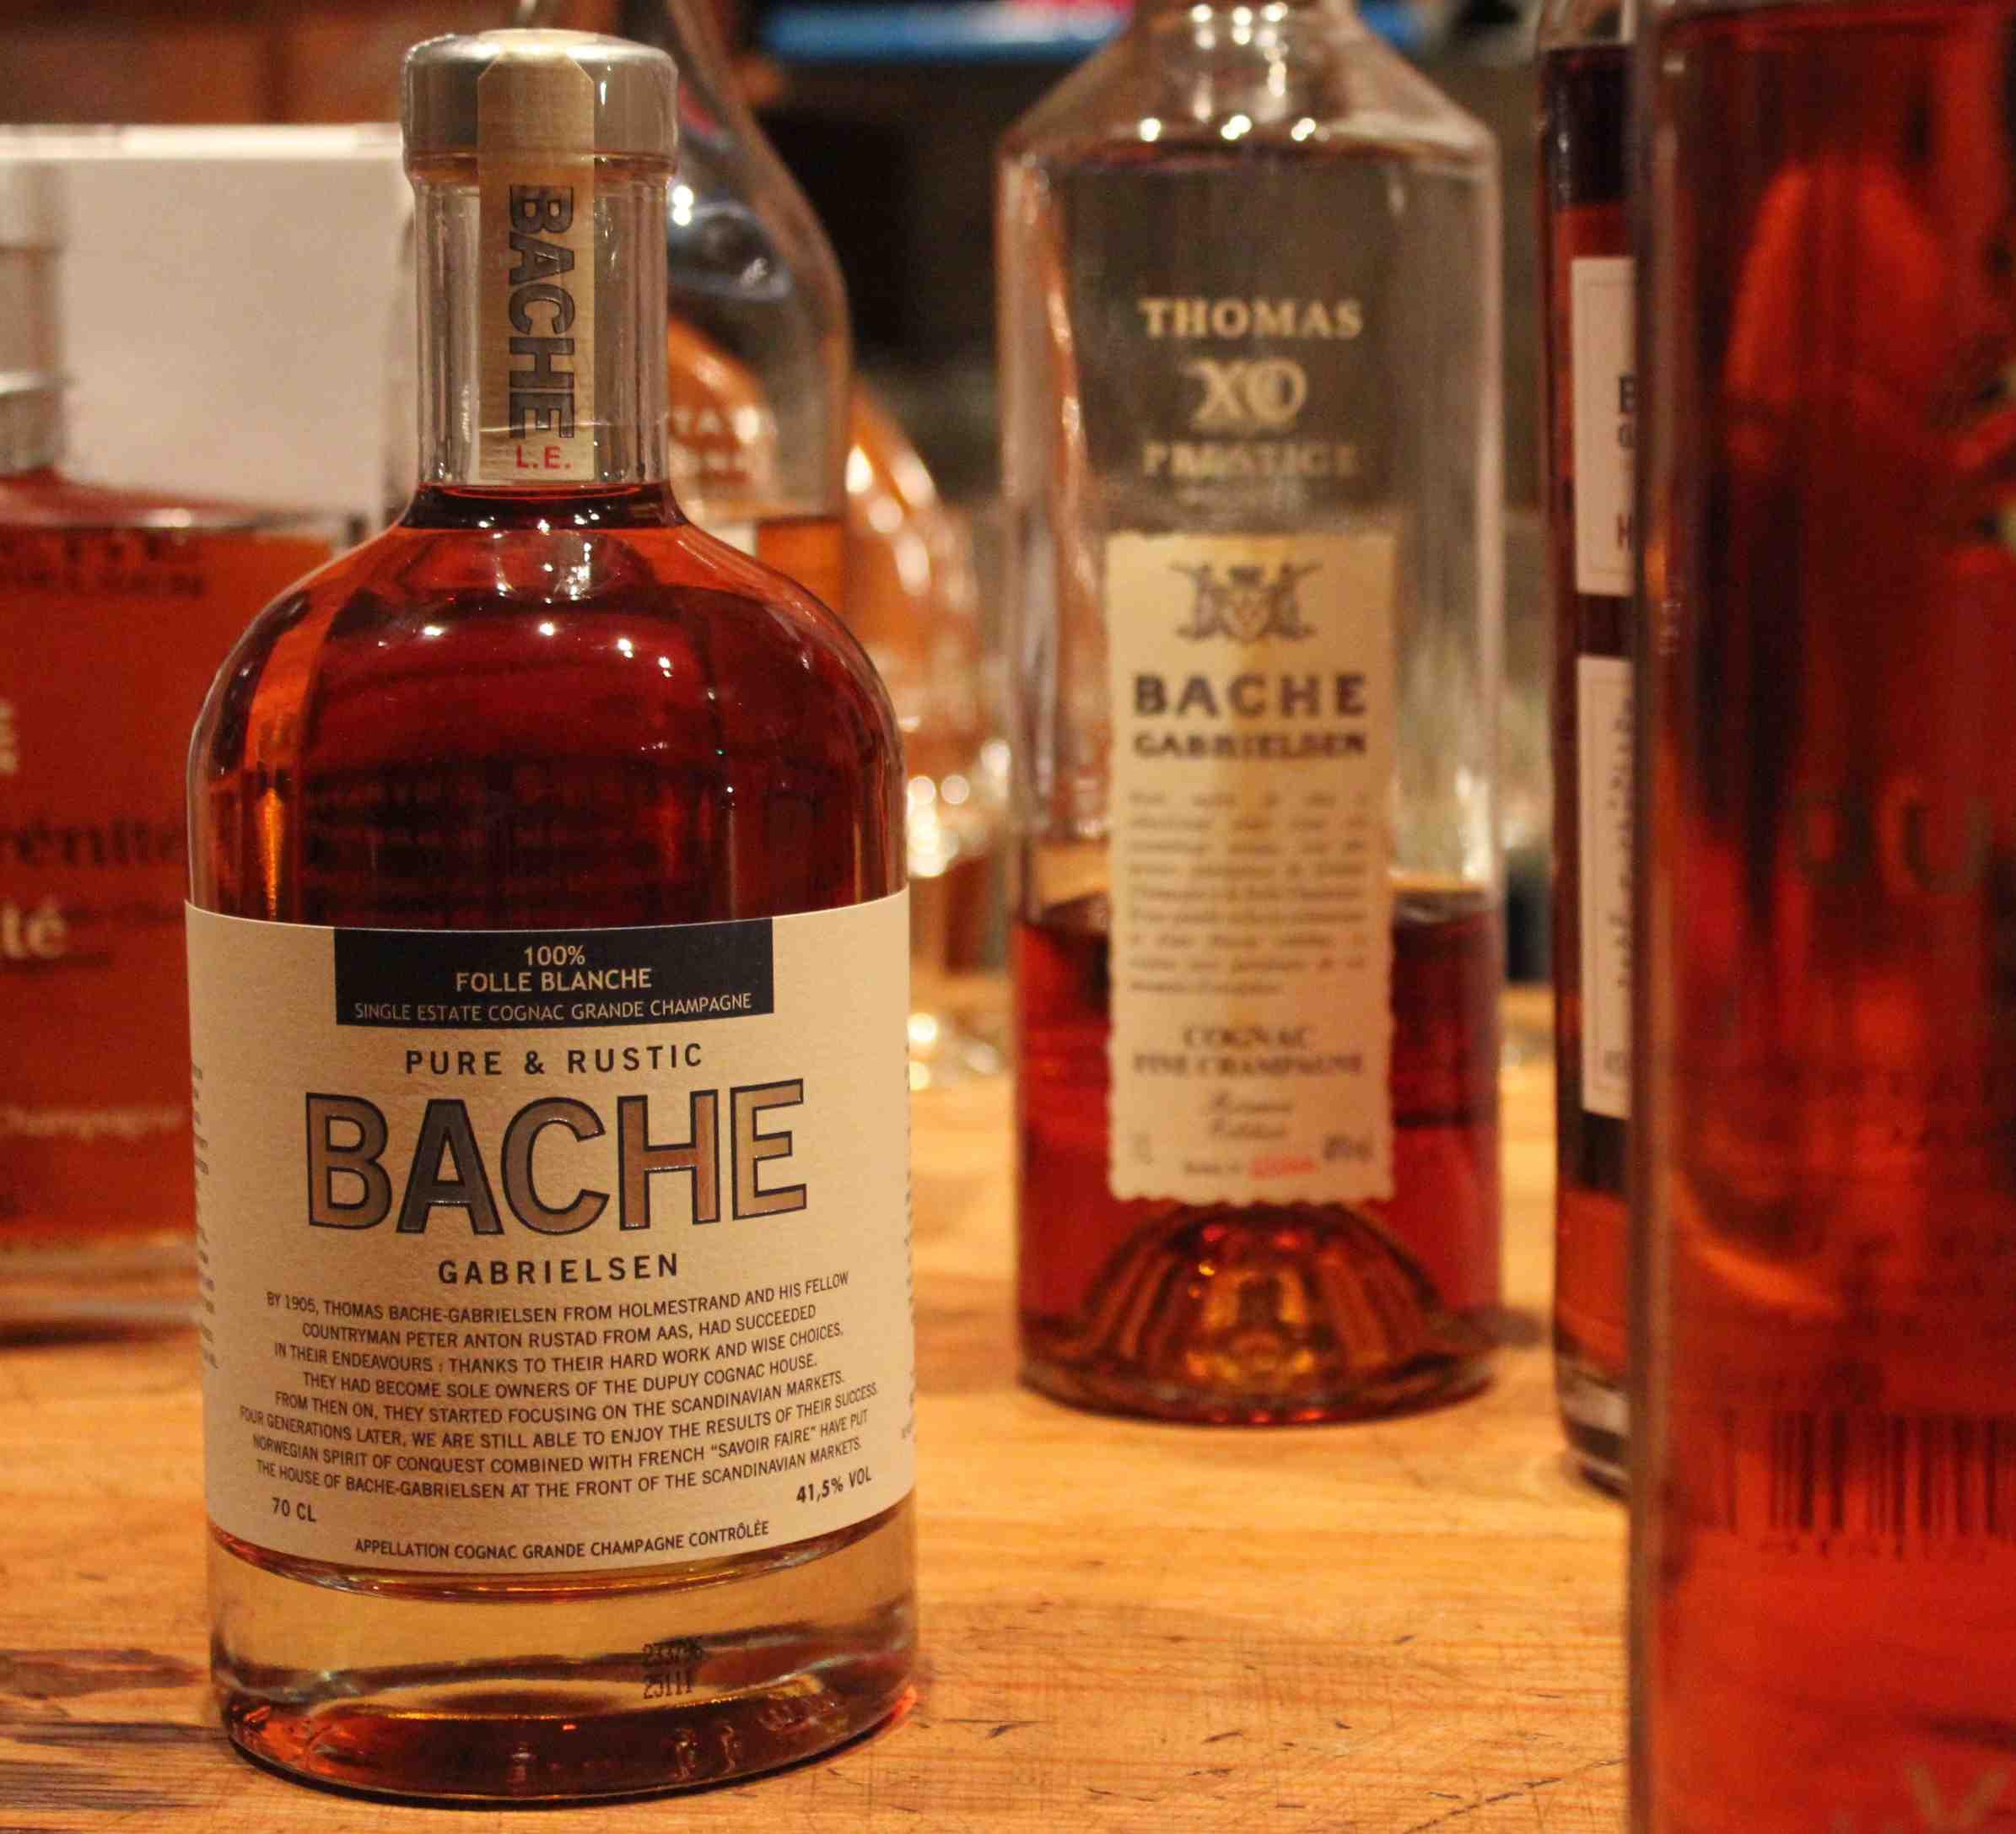 Bache Gabrielsen Pure & Rustic Single Estate Folle Blanche No.2